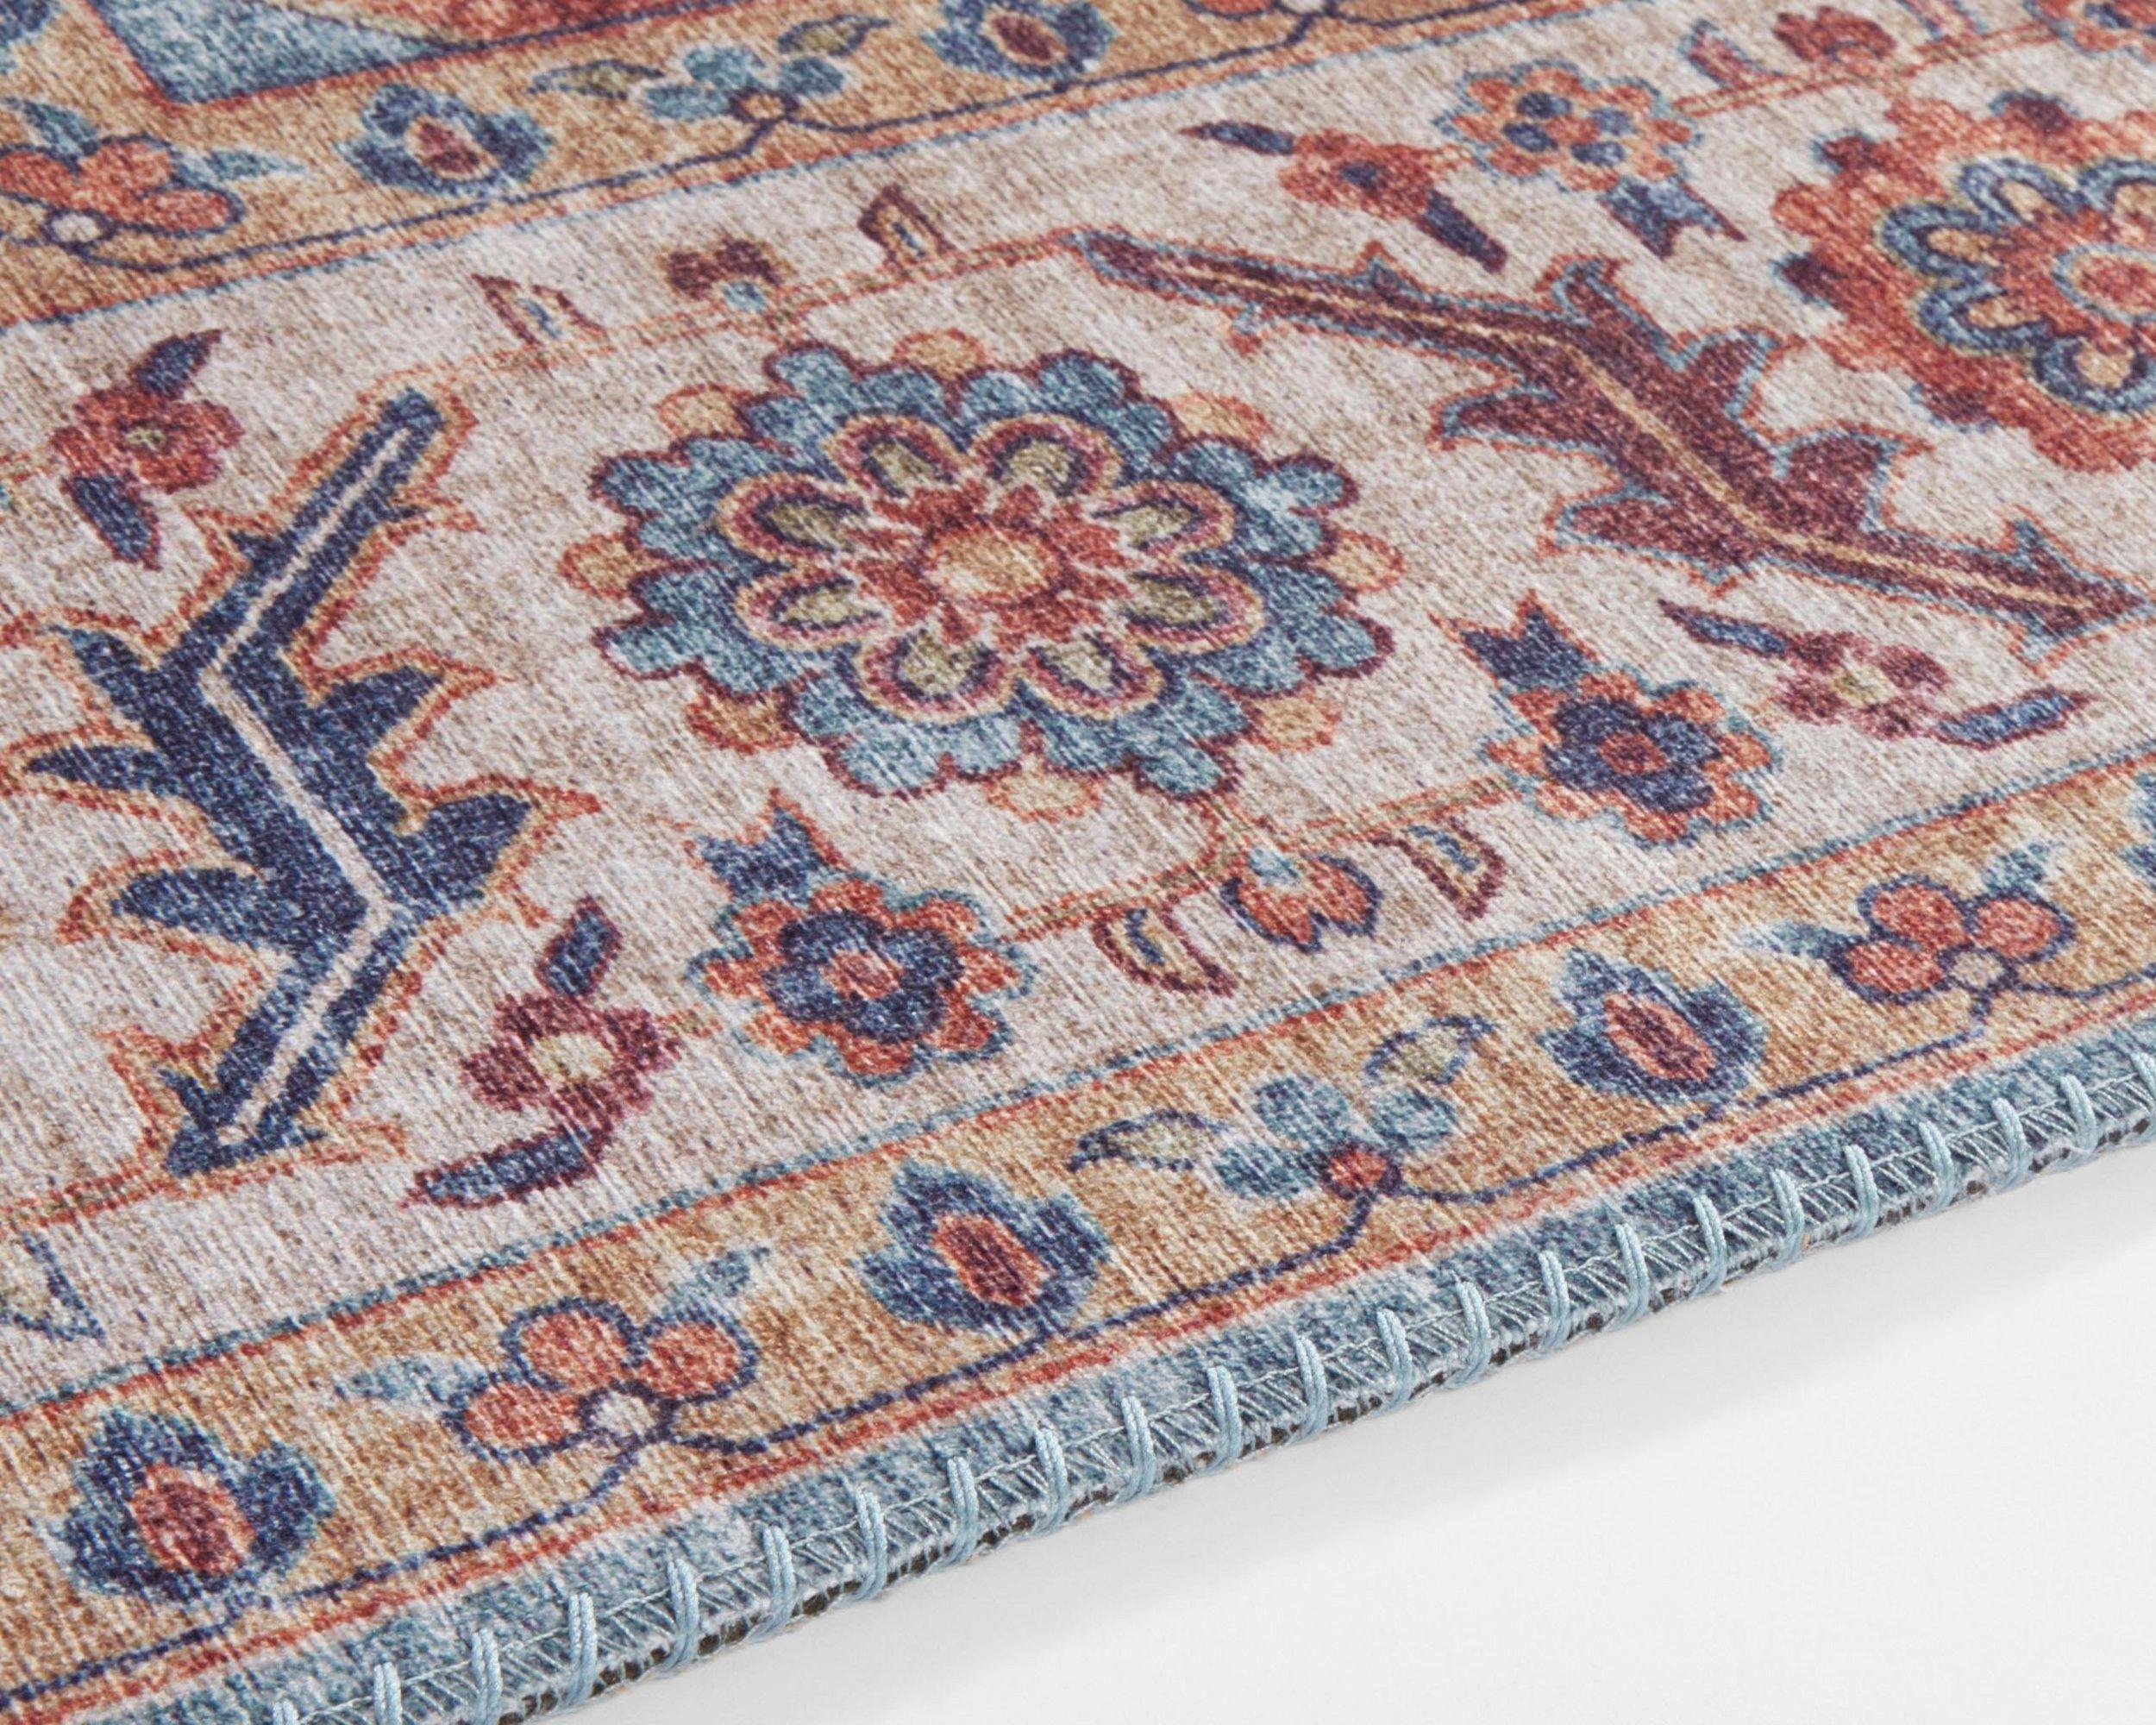 Teppich Anthea Nouristan Rechteckig Höhe 5 Mm Vintage Design Orient Optik Wohnzimmer Online Kaufen Otto Teppich Orient Vintage